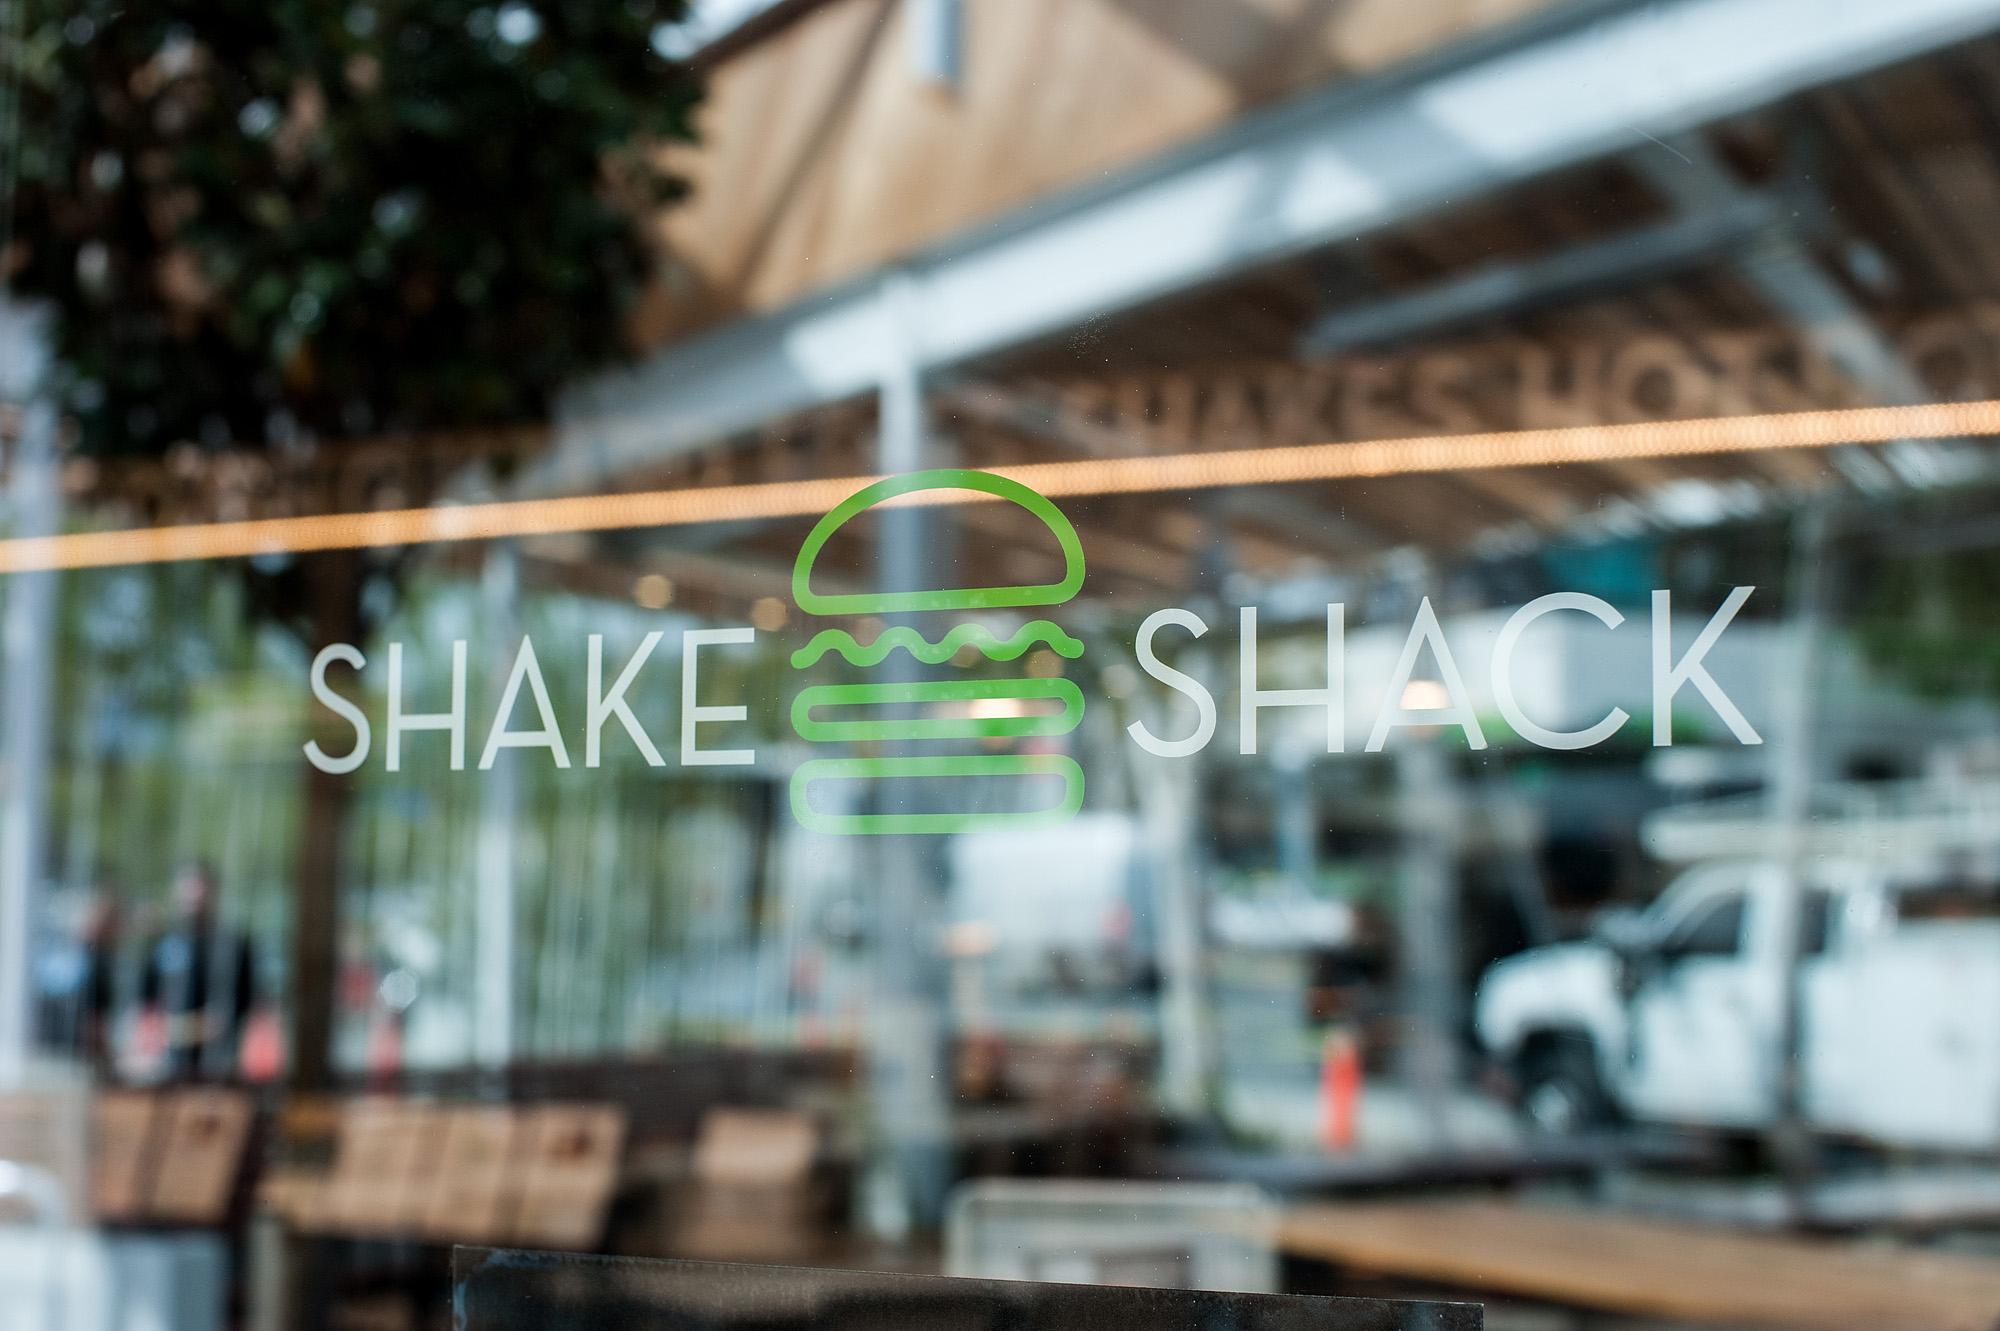 Shake Shack, West Hollywood